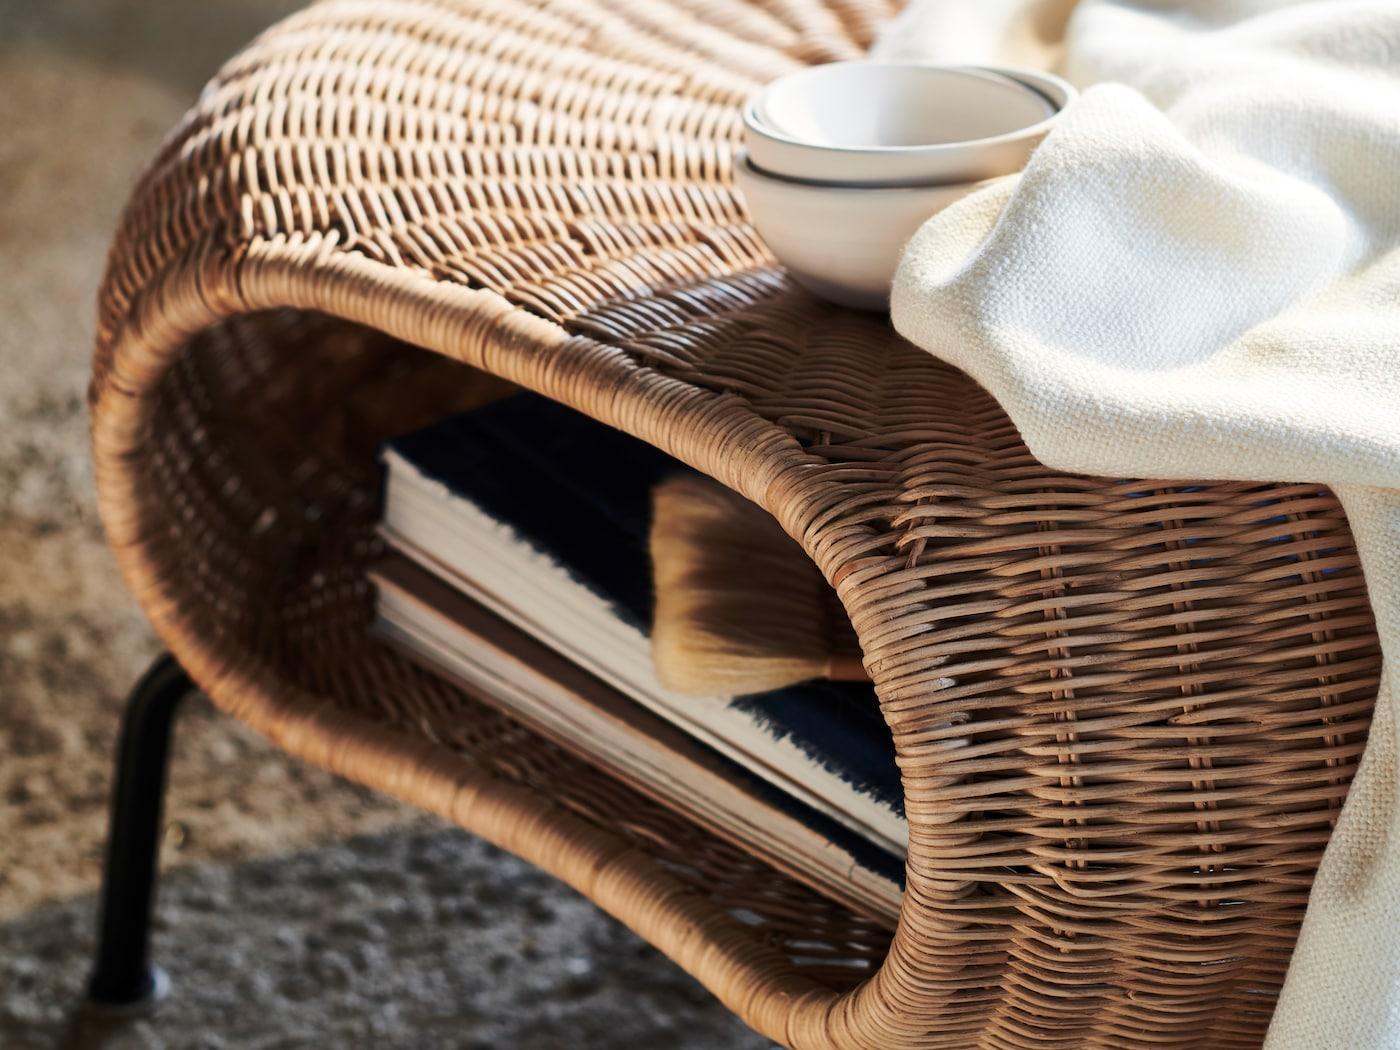 Une couverture blanche et trois bols blancs sur un repose-pieds GAMLEHULT où sont rangés des livres.